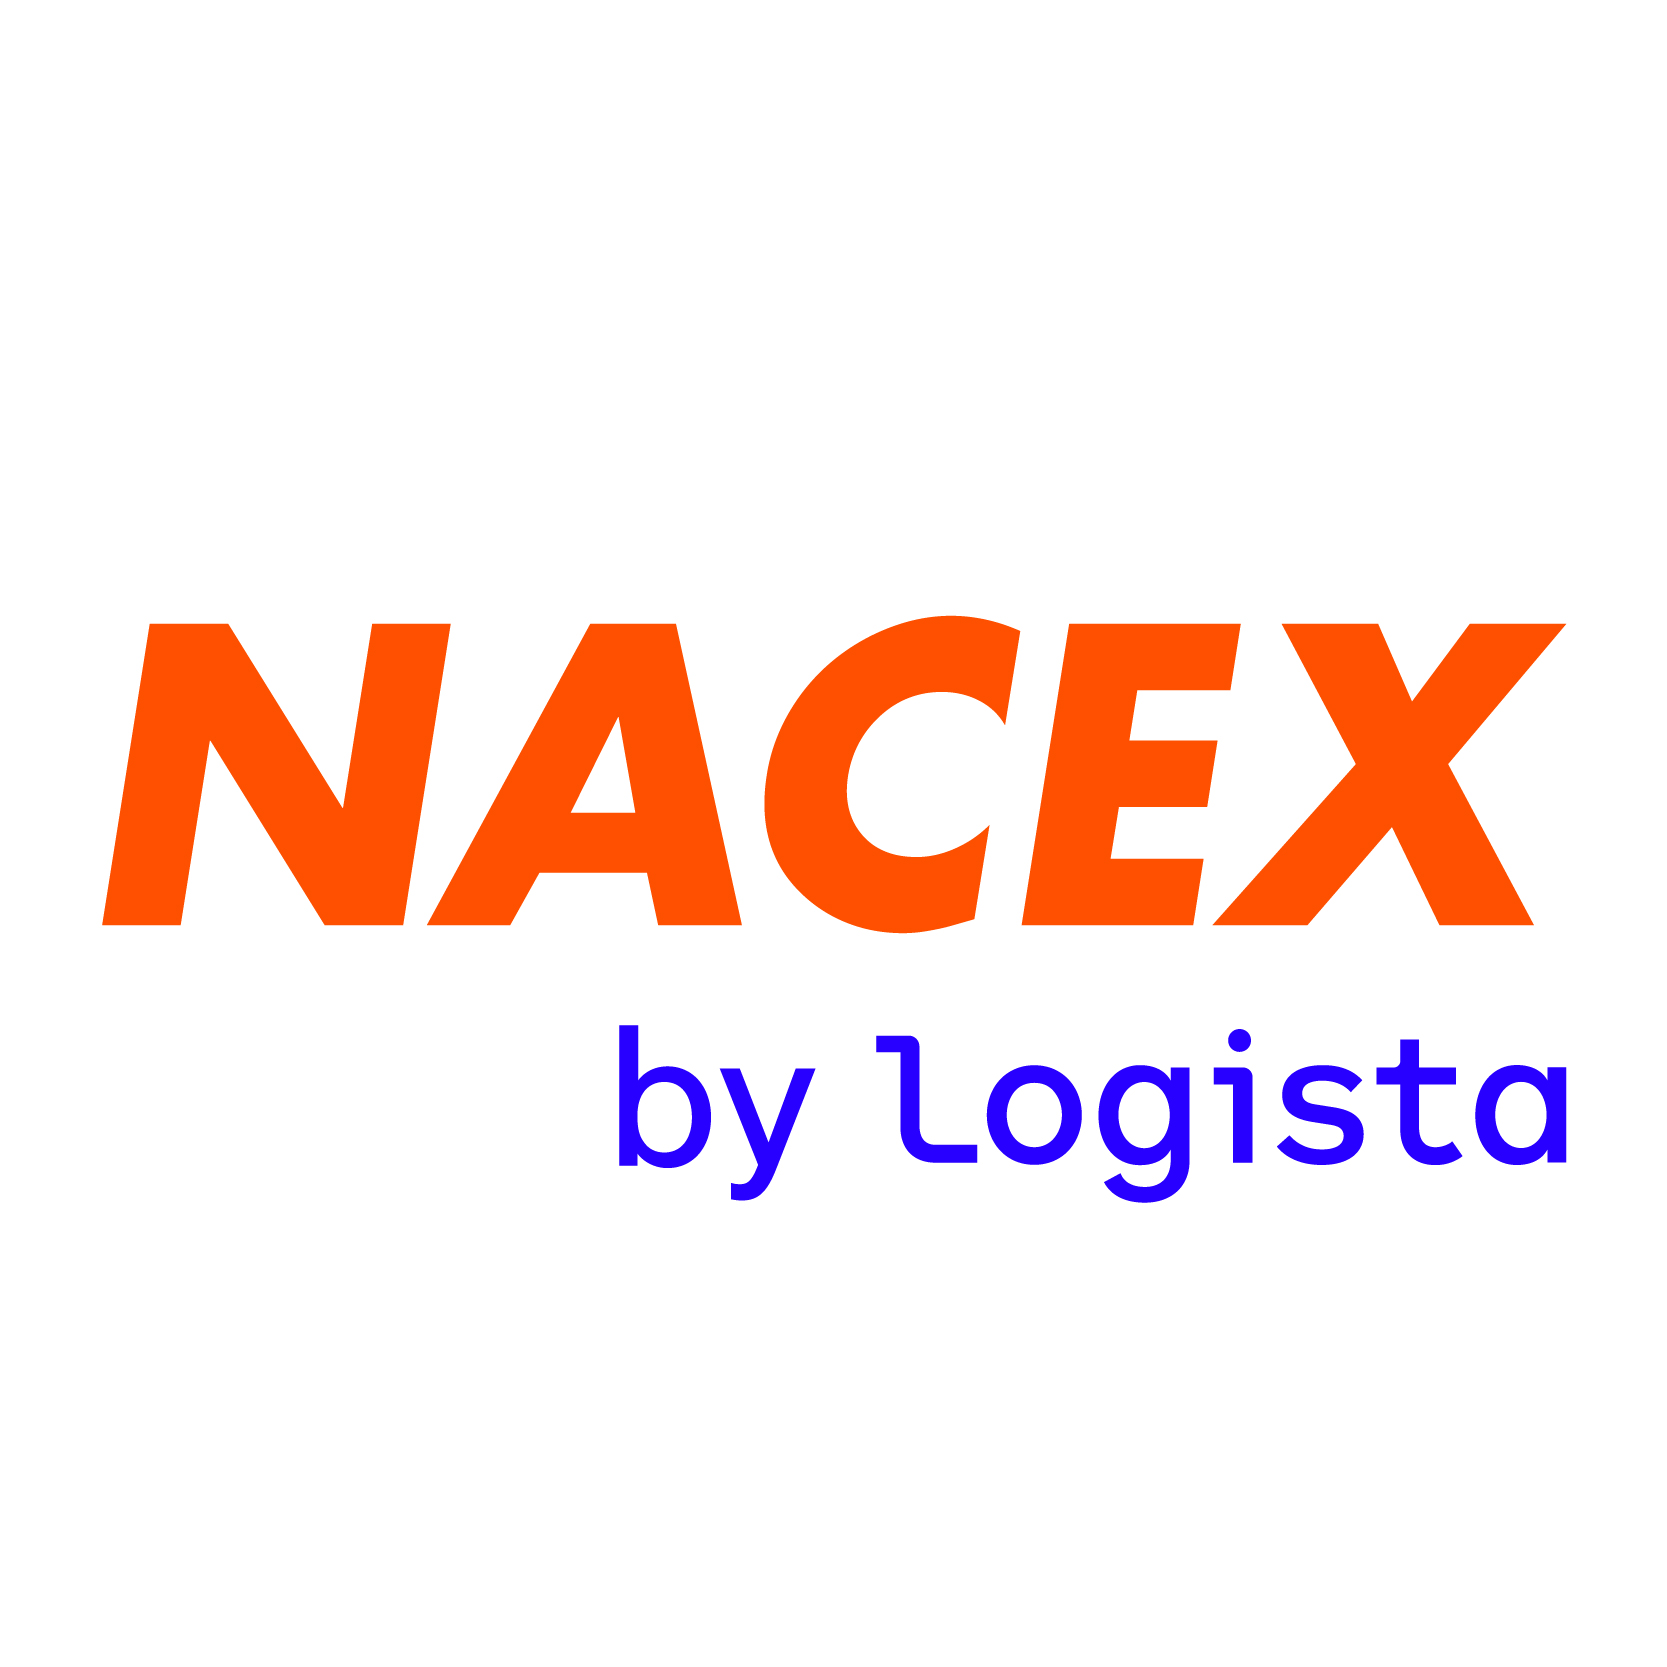 NACEX